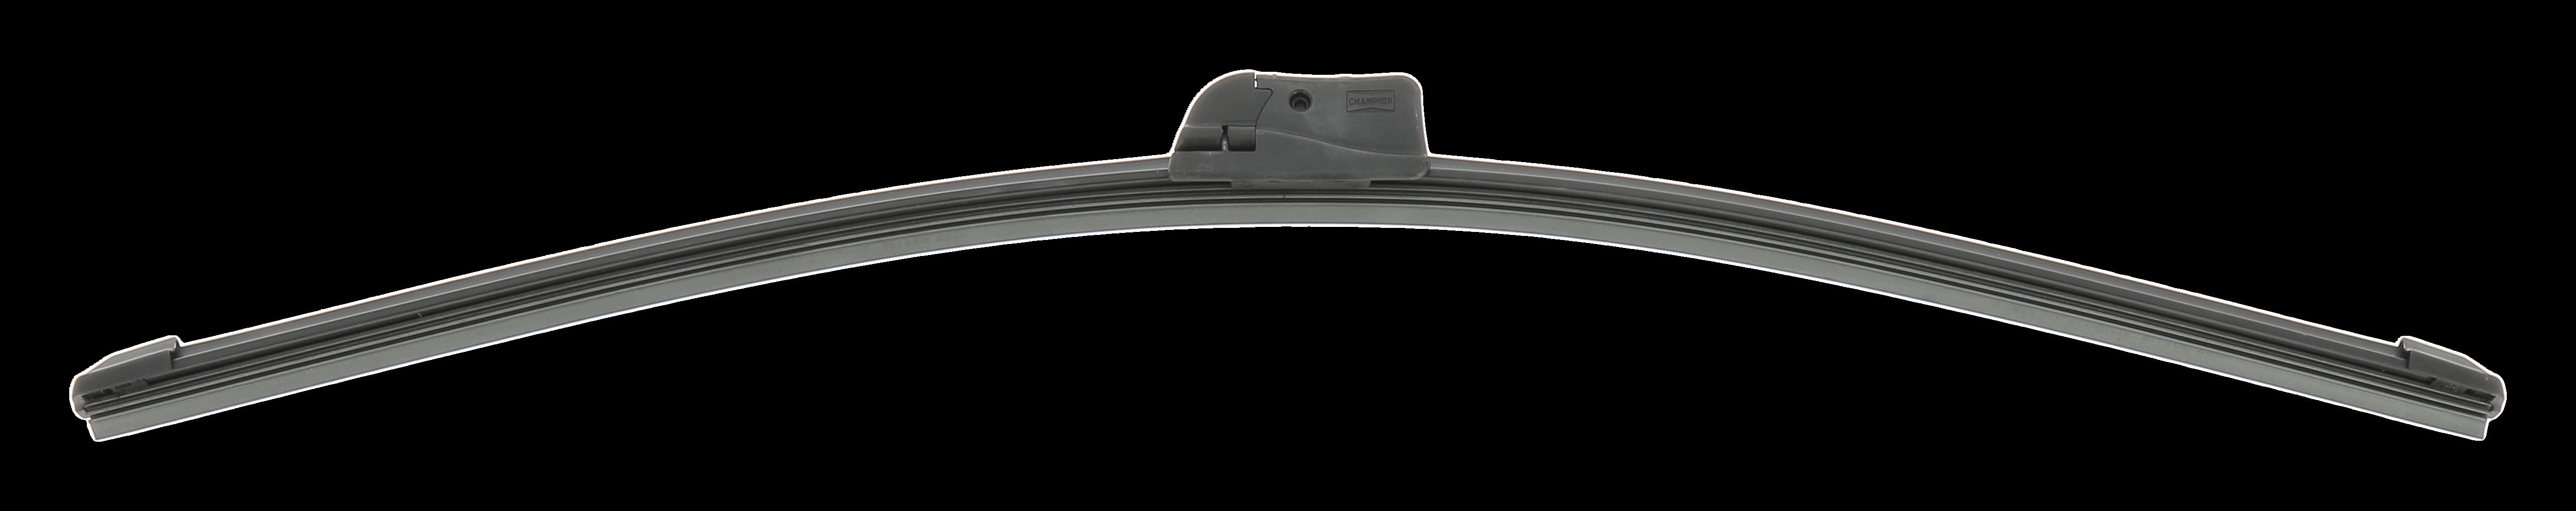 Balai d'essuie-glace Easyvision Retrofit | CHAMPION